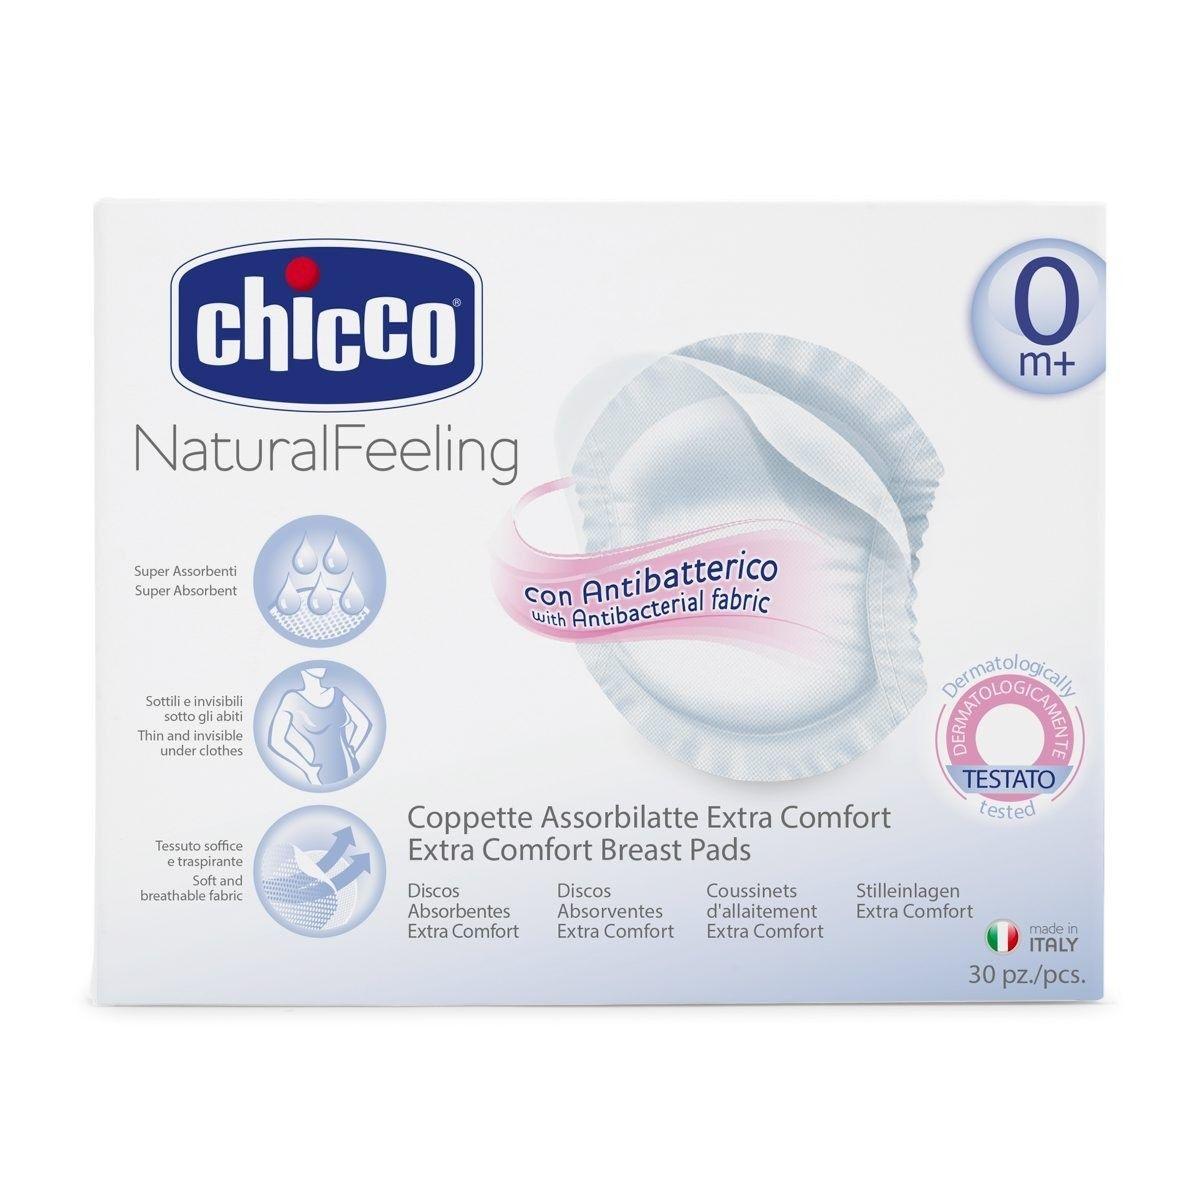 Wkładki laktacyjne Extra Comfort z http://www.chiccopolska.pl/produkty/8003670845843.antybakteryjne-wkadki-laktacyjne-extra-comfort.karmienie-piersia.akcesoria-do-karmienia-i-wkladki-laktacyjne.html #mama